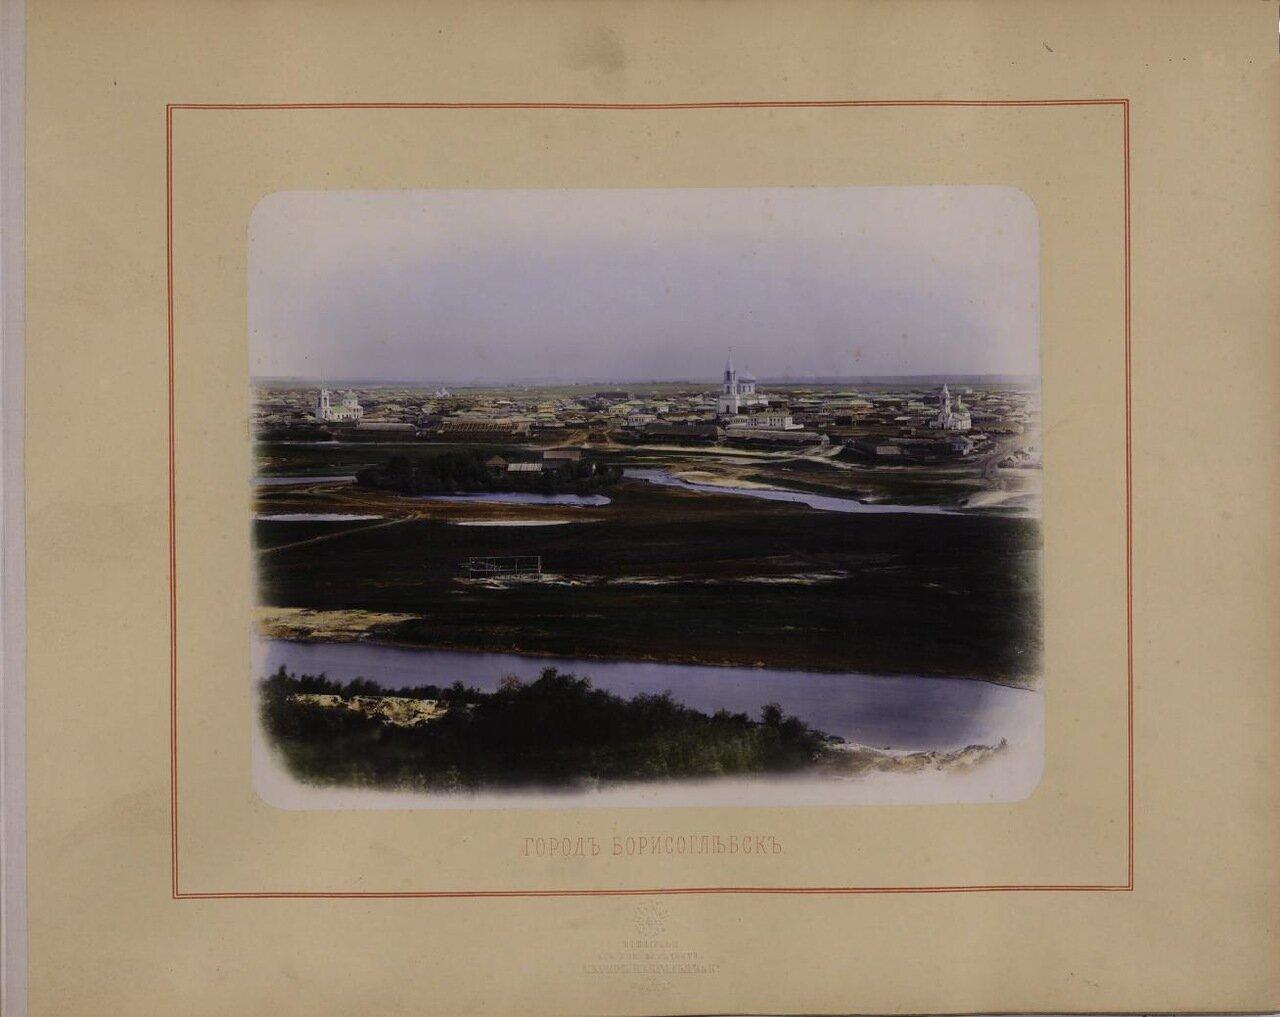 Город Борисоглебск. Ателье «Шерер и Набгольц». - 1869 г.